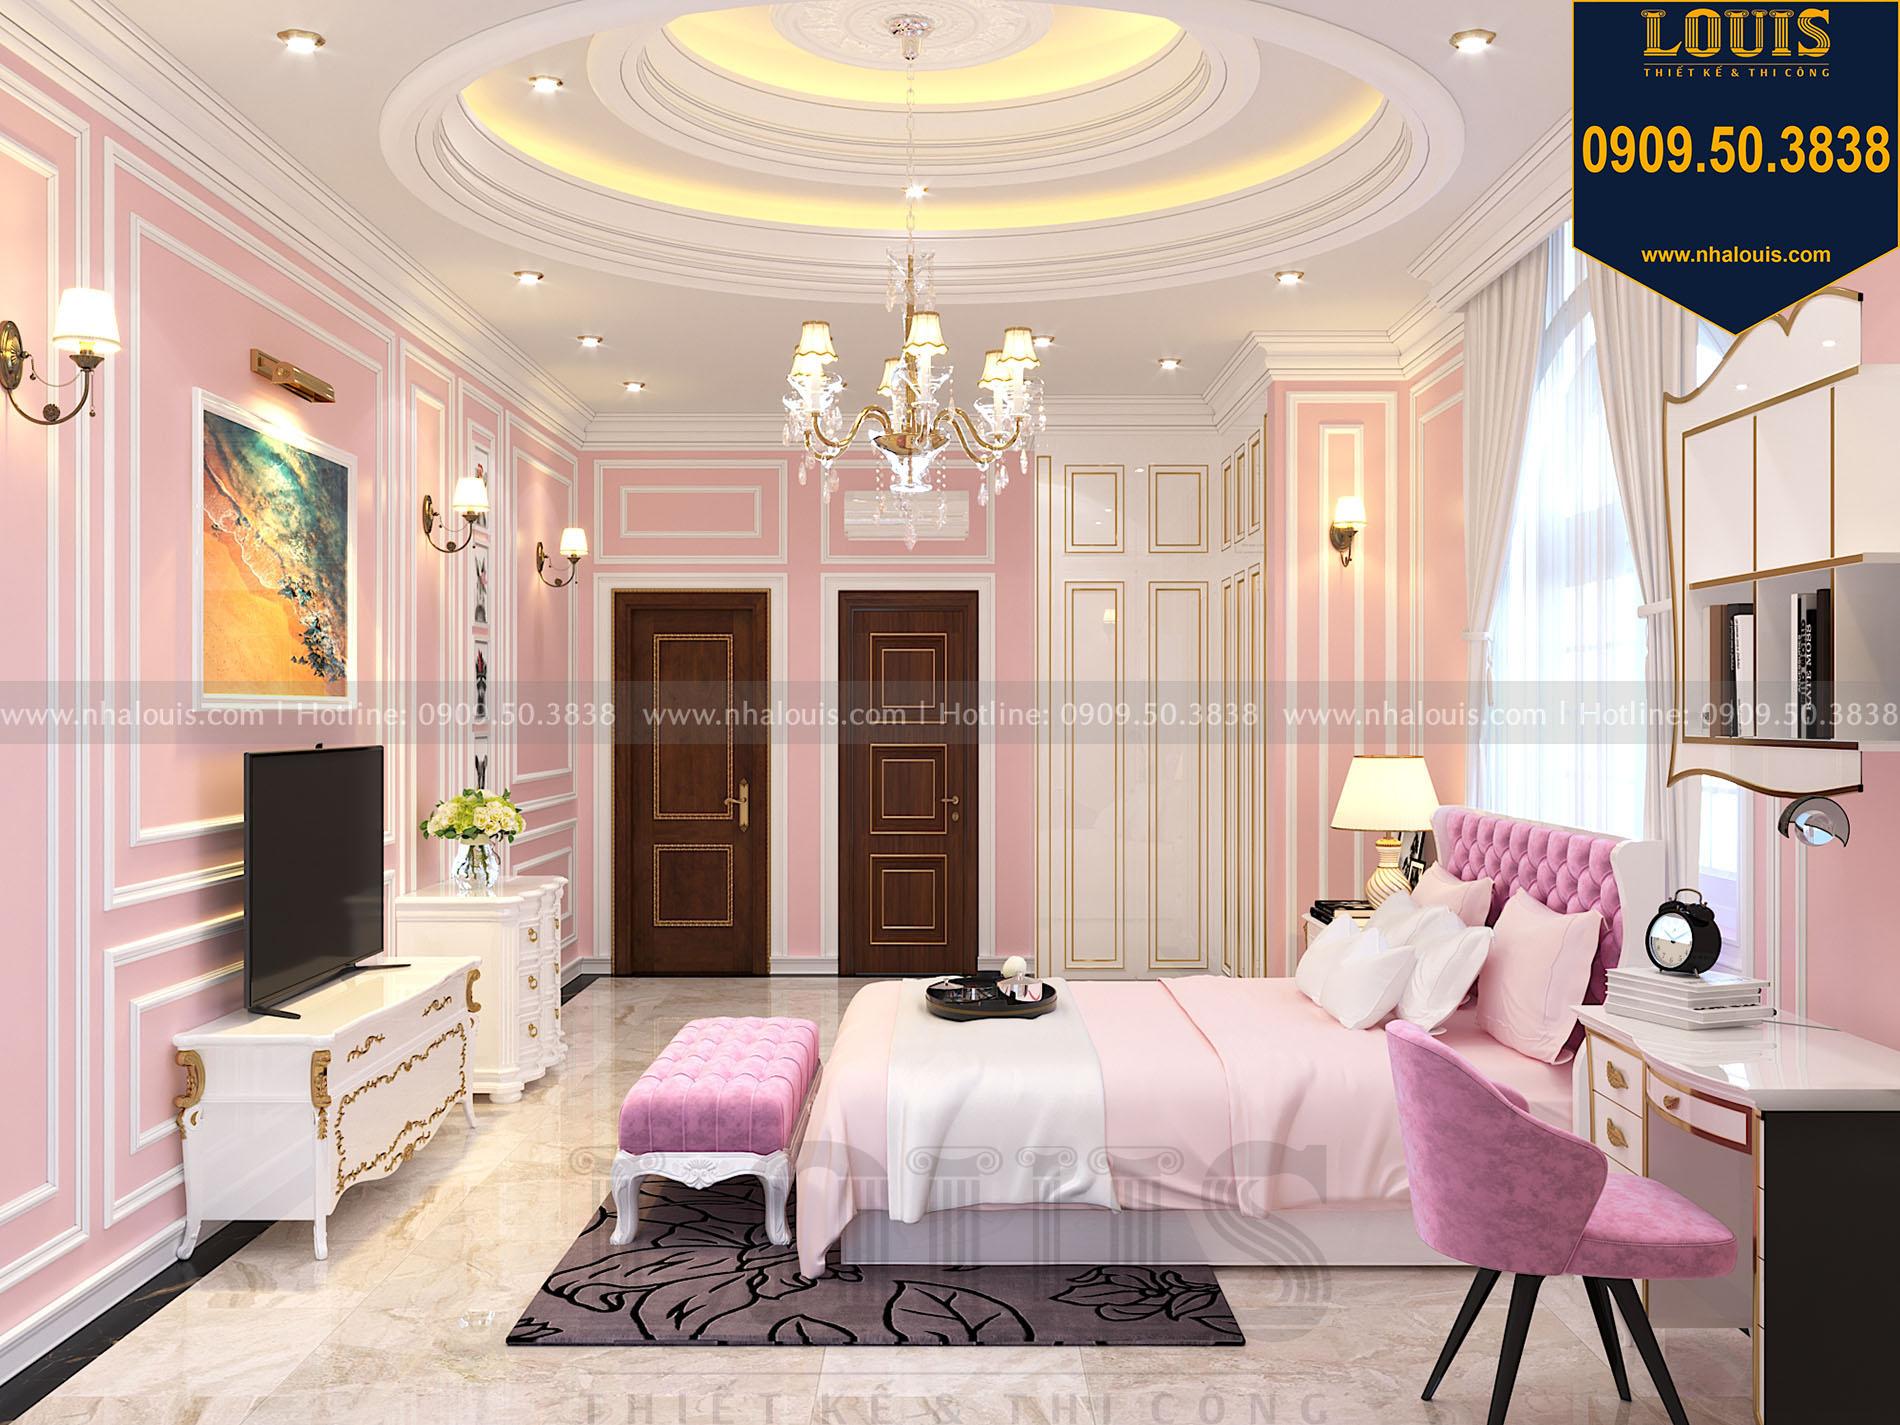 thiết kế phòng ngủ biệt thự màu hồng